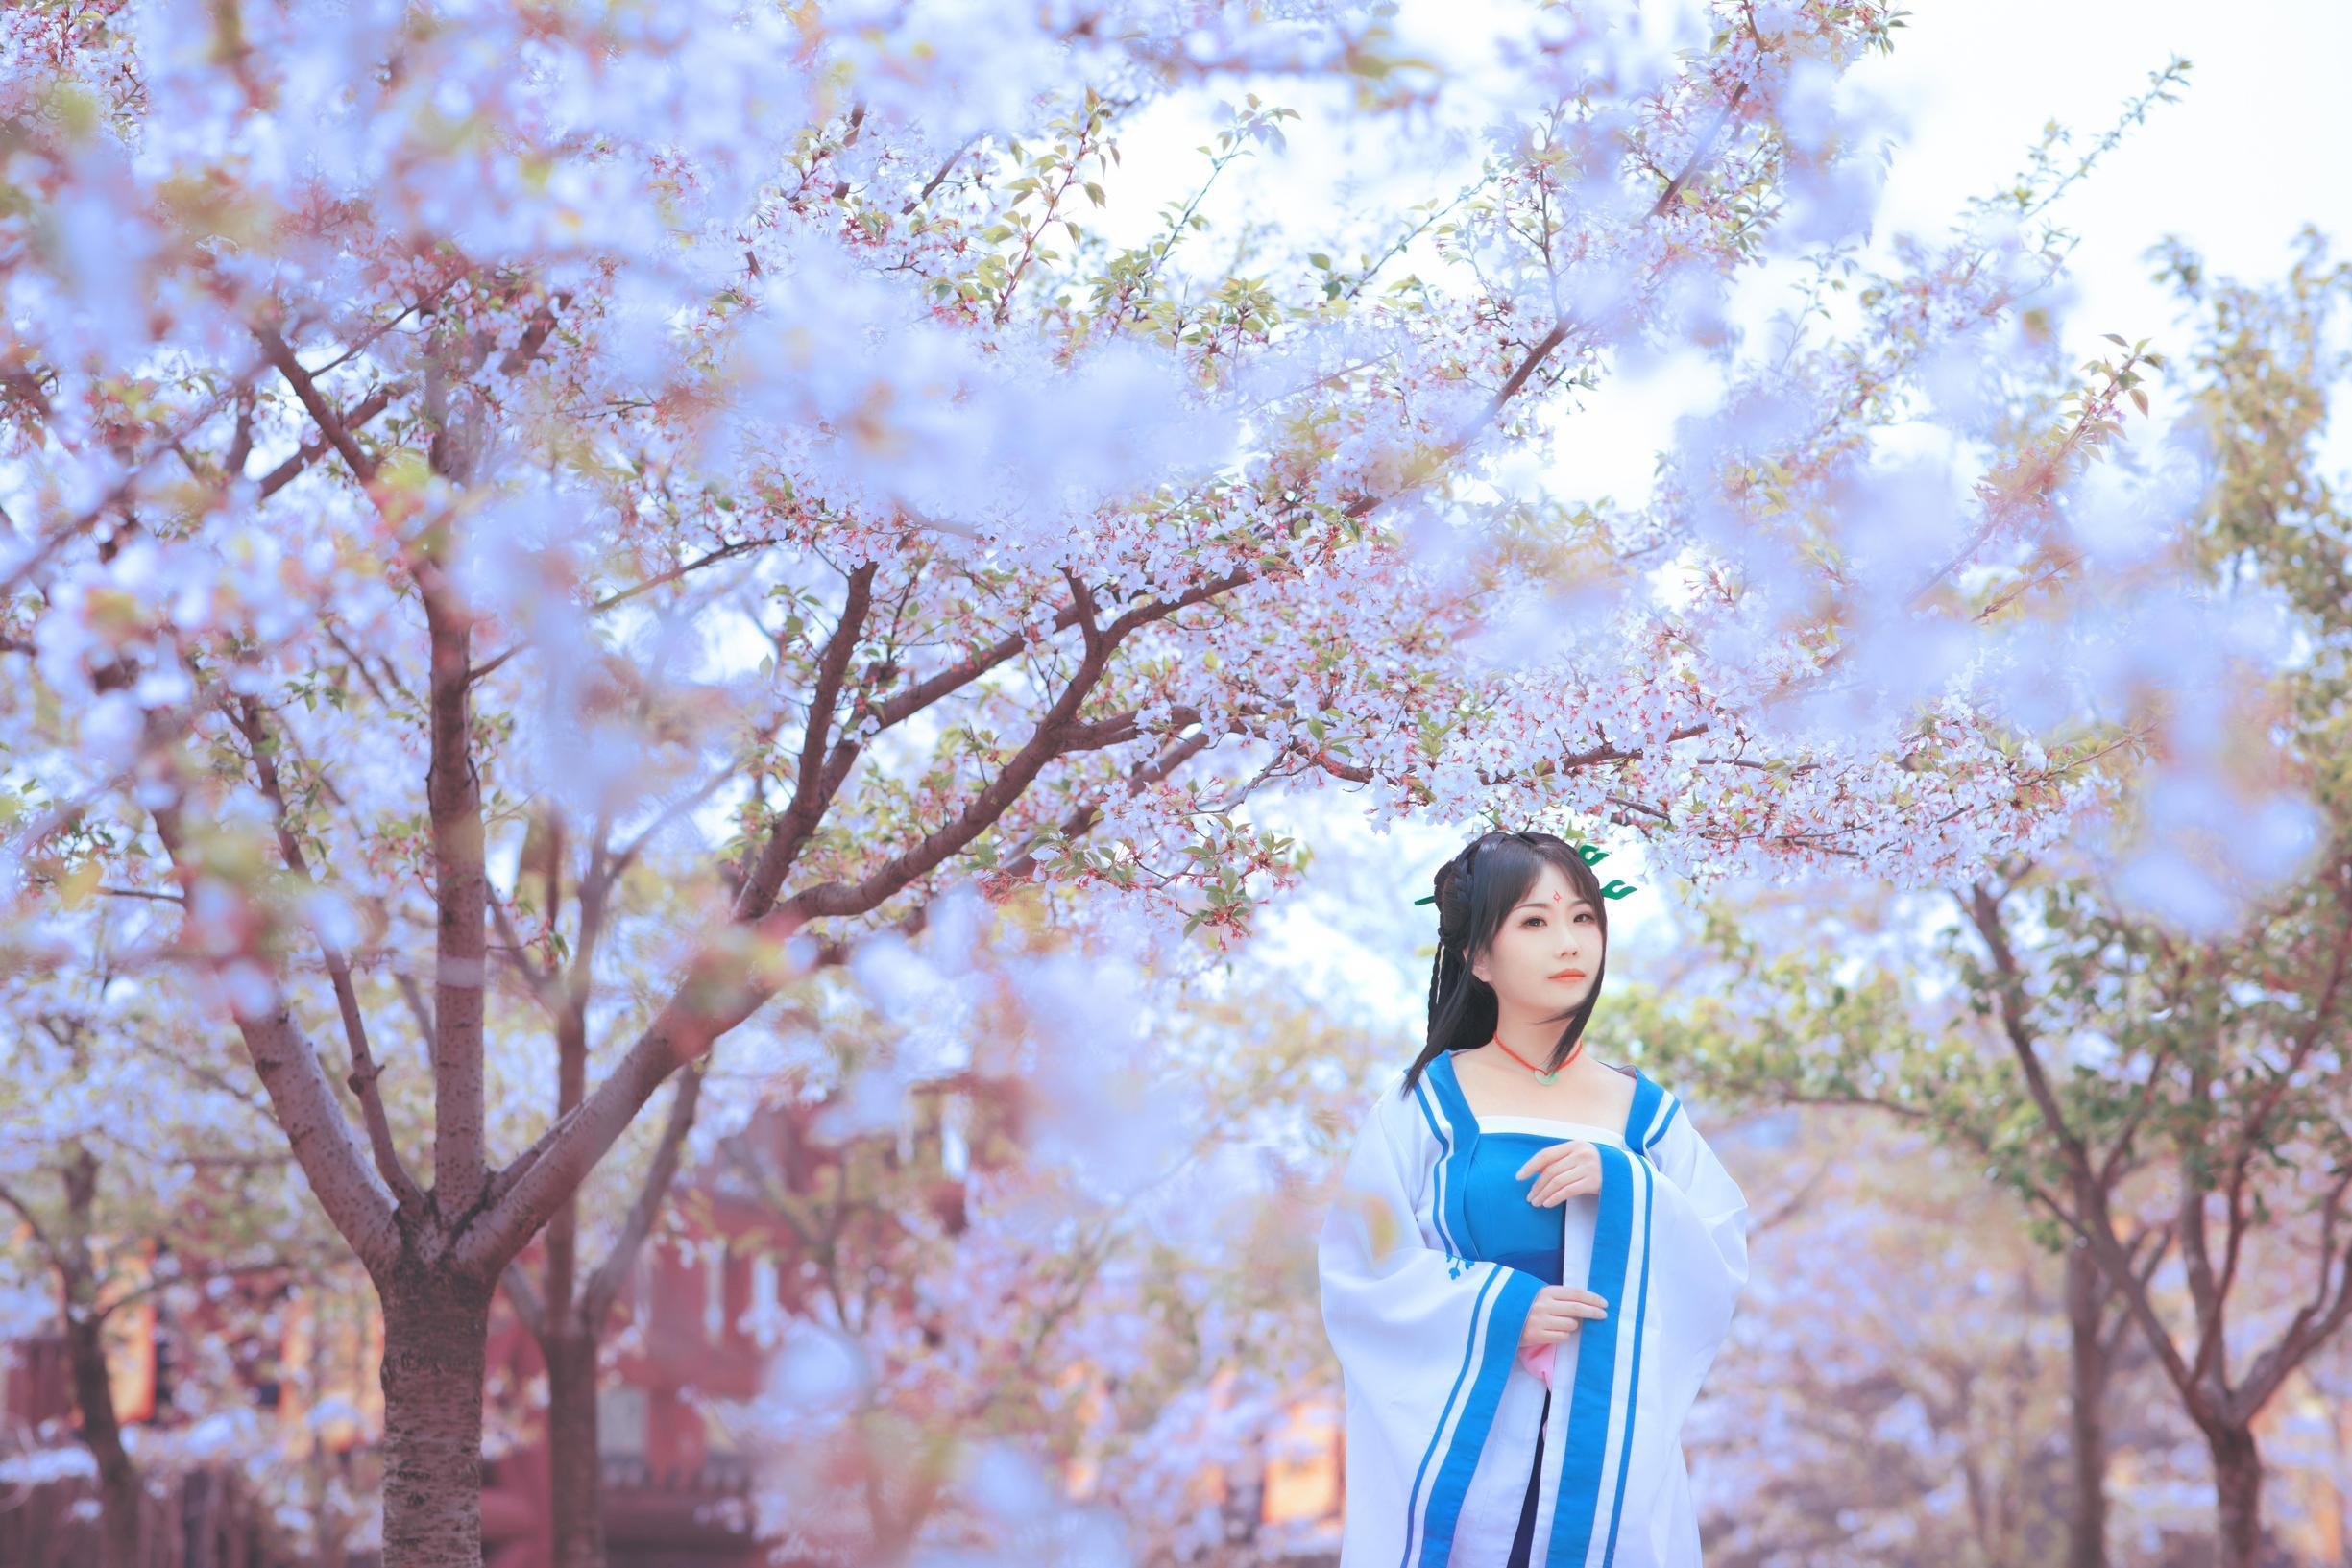 柳梦璃cosplay【CN:晗雅】-第3张